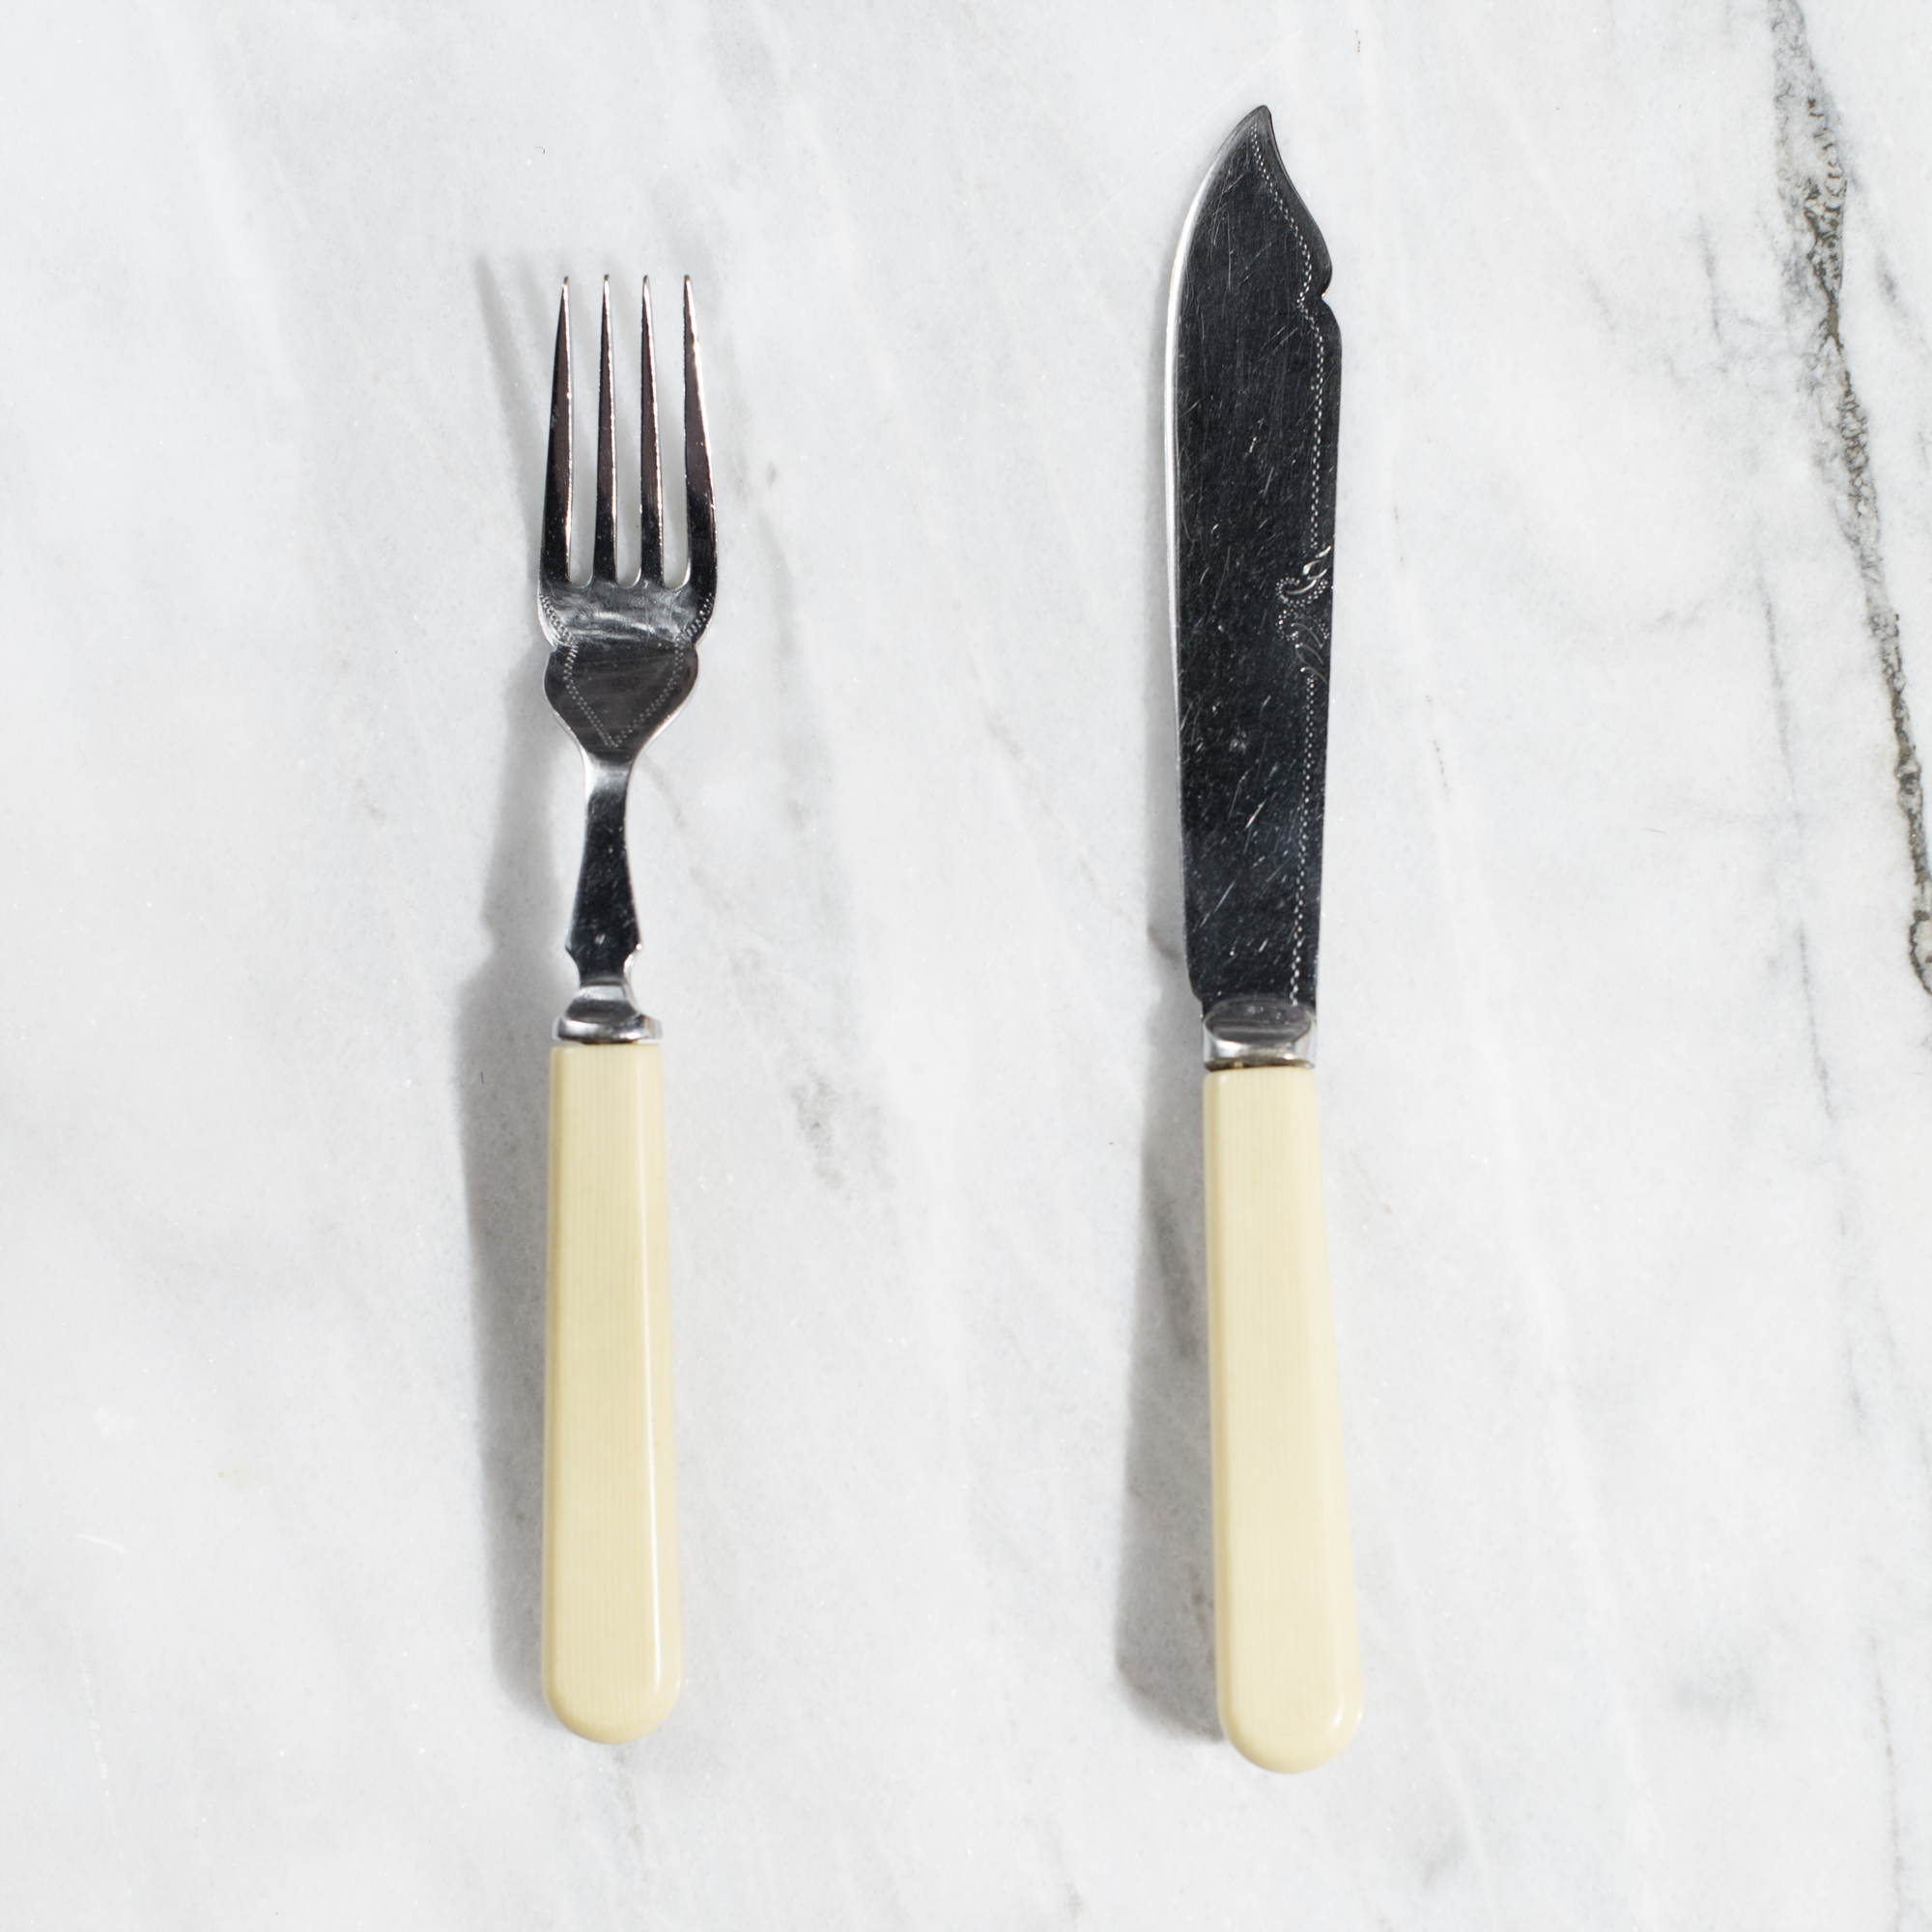 fish knife + fork